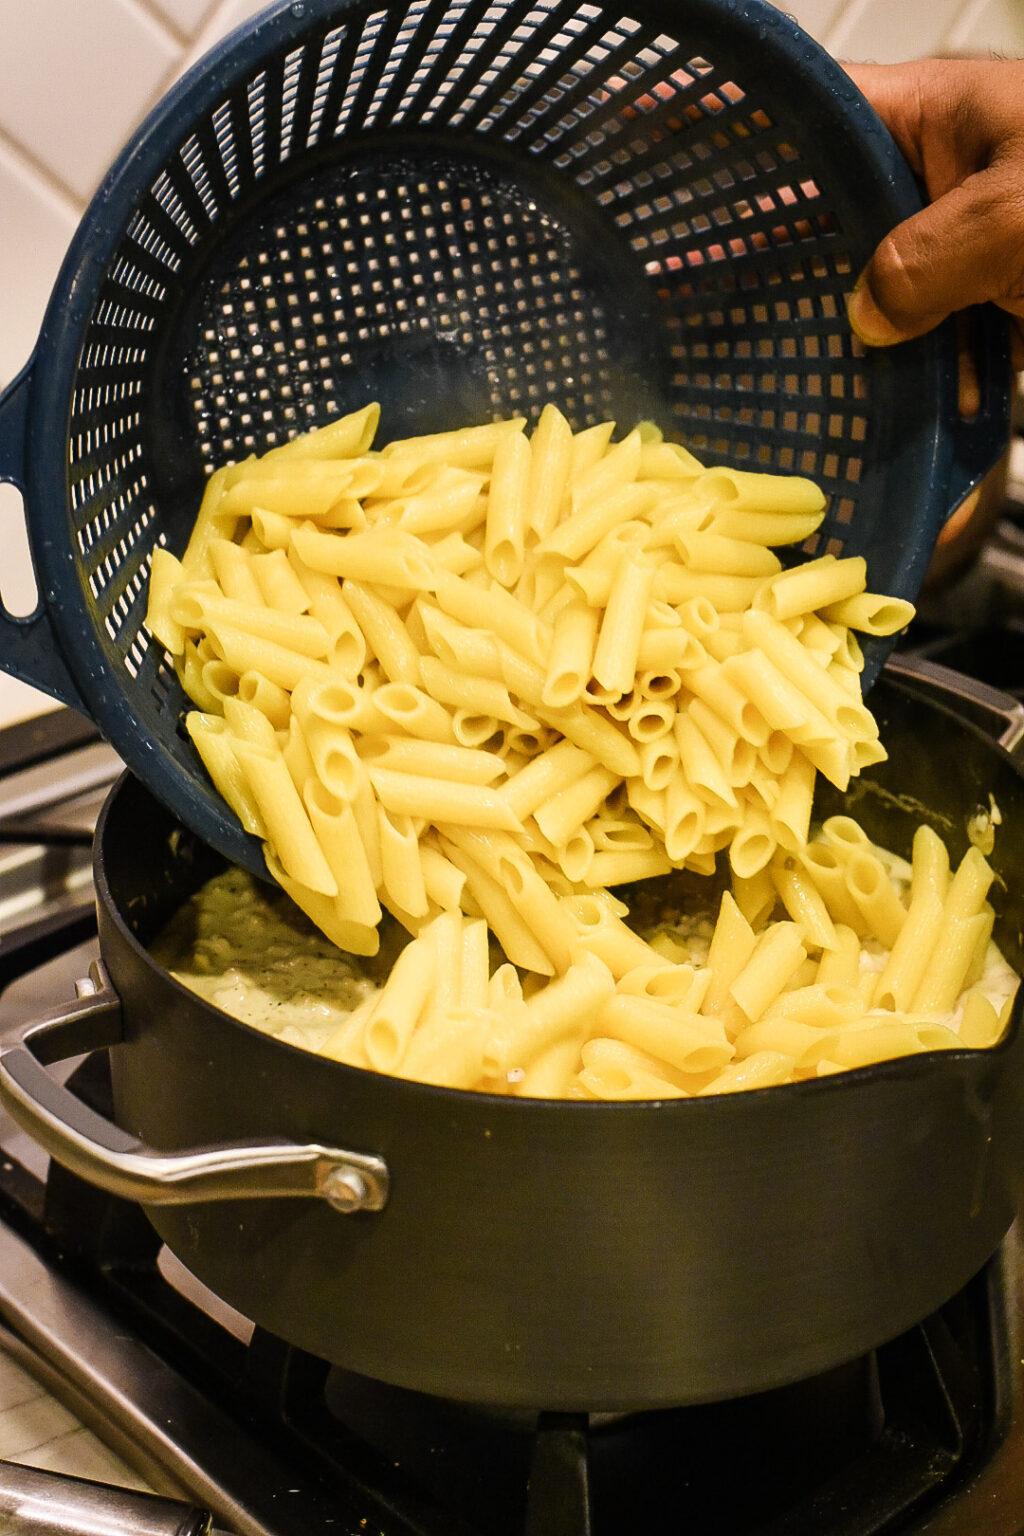 Gluten-Free Chicken Gouda Penne Pasta | Dude That Cookz